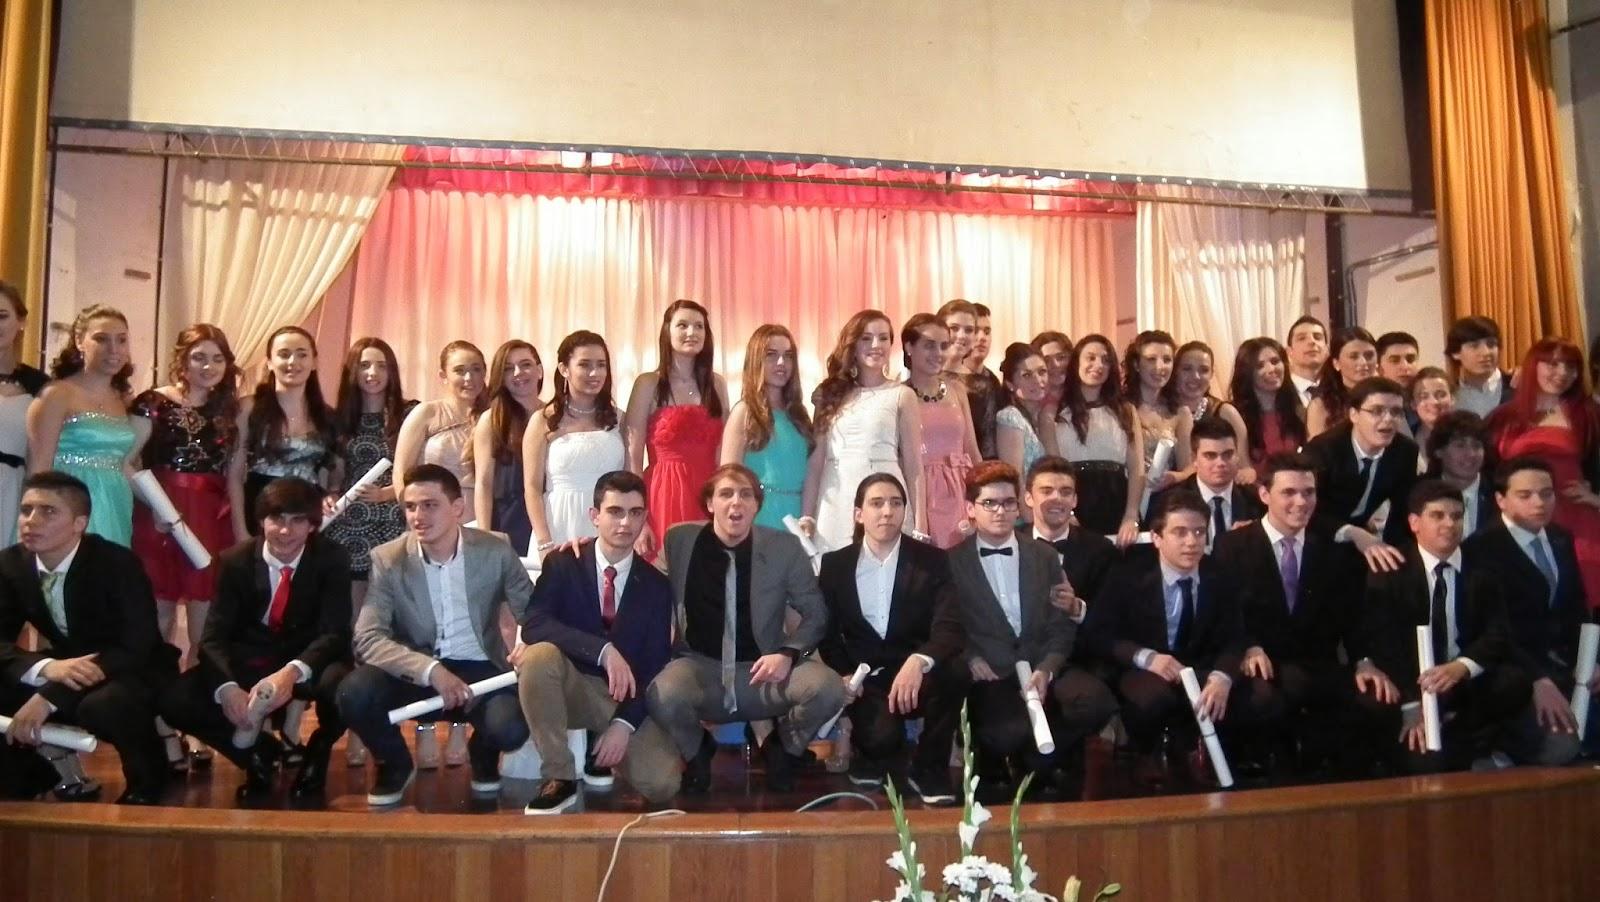 celebra la graduación de medio centenar de alumnos de bachillerato